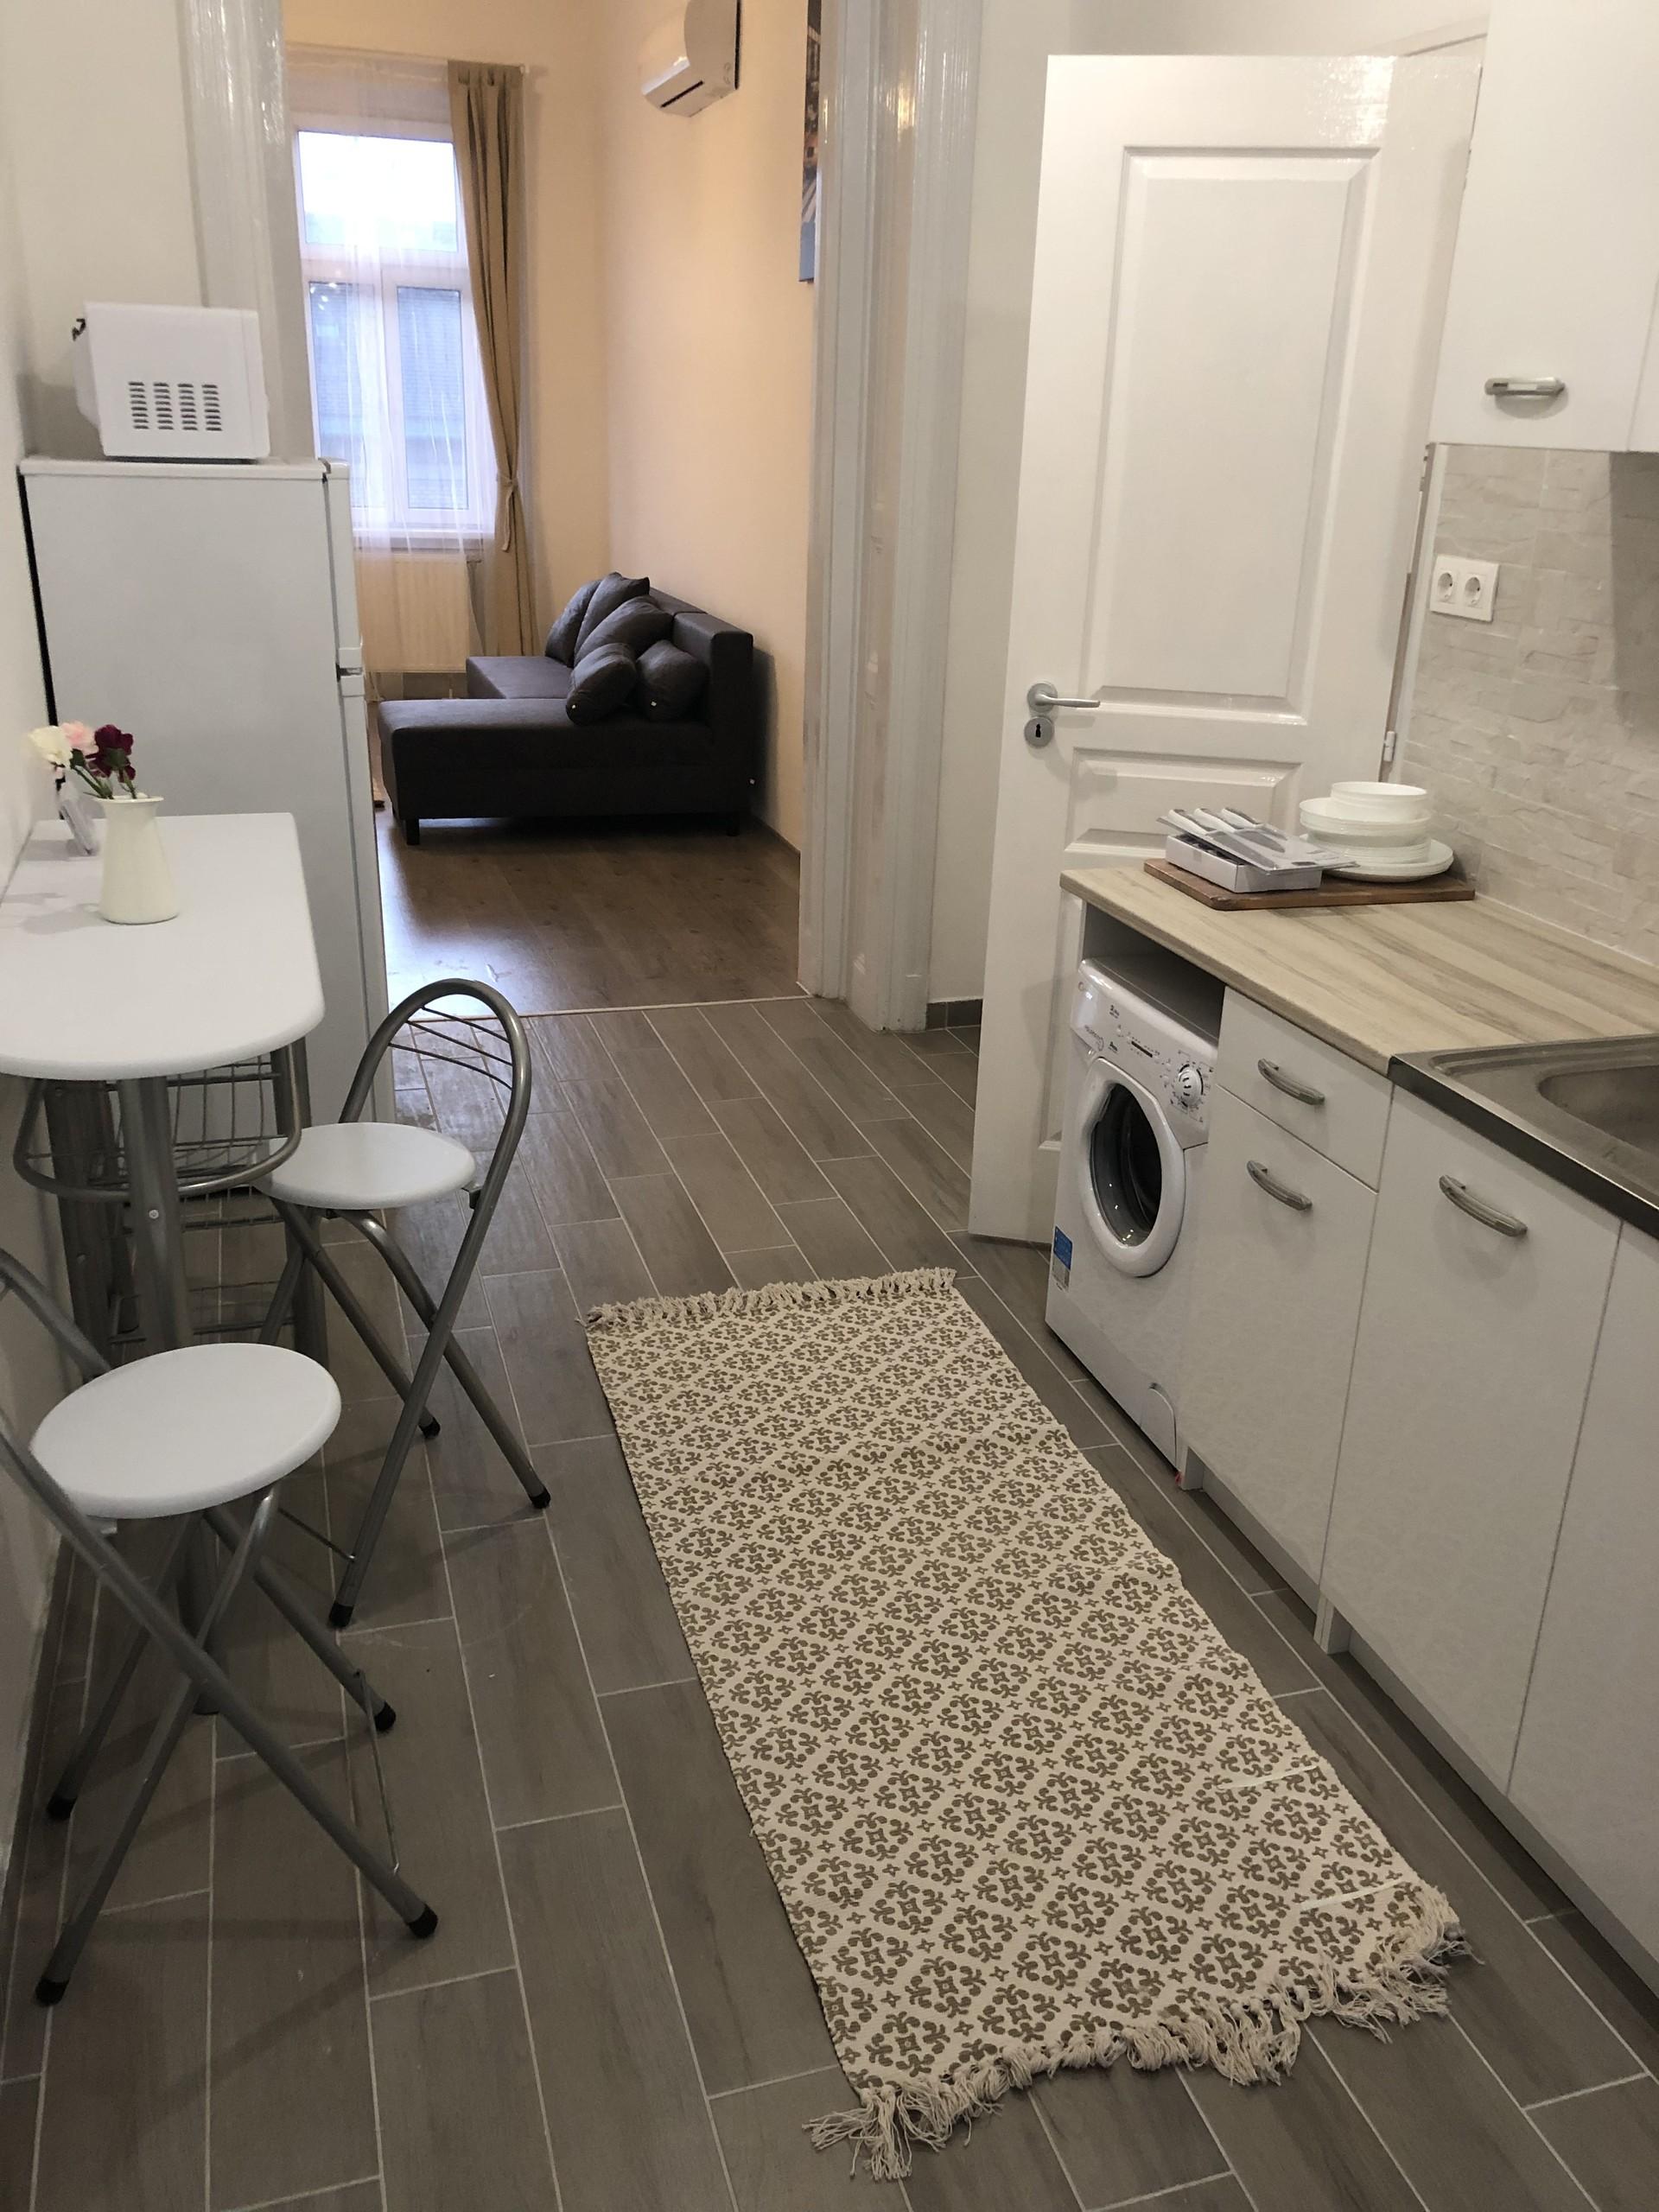 renewed-apt-3-rooms-2-bathrooms-central-badd49eb156dd6d0bcebc24915ae0420